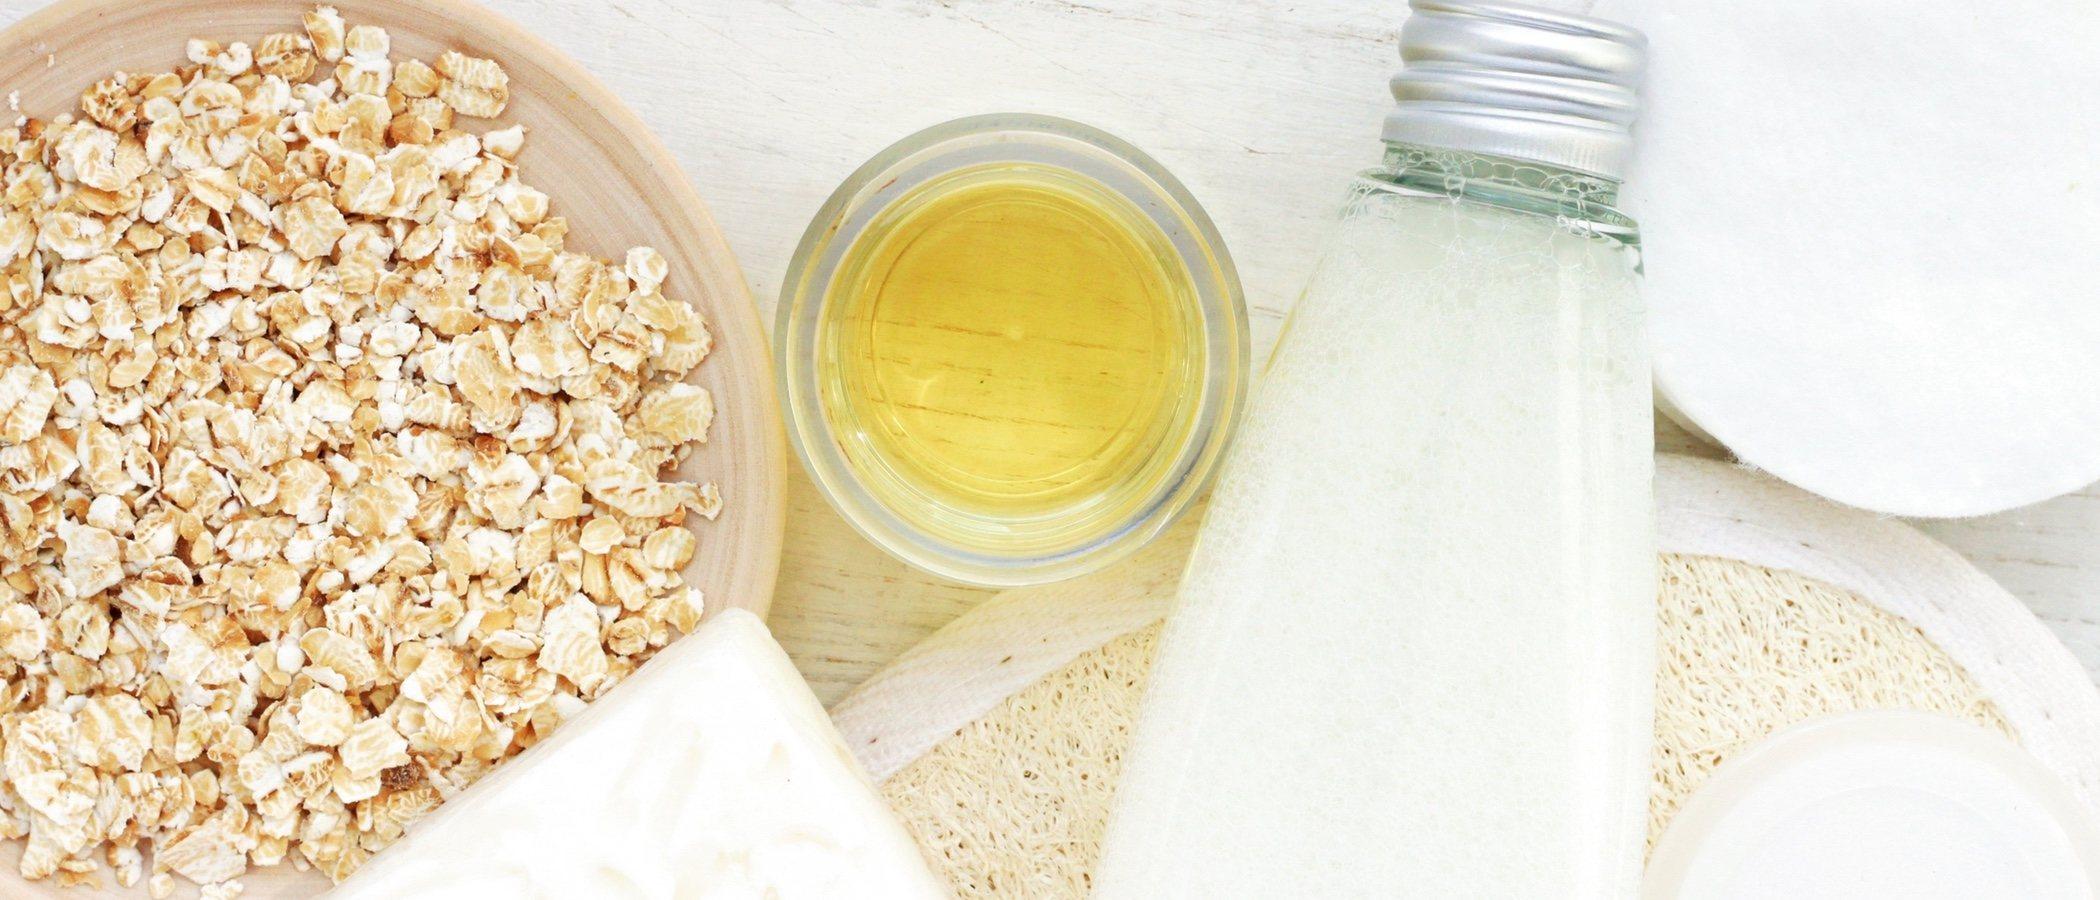 Beneficios de la avena para la piel: hidrata, cuida y protege